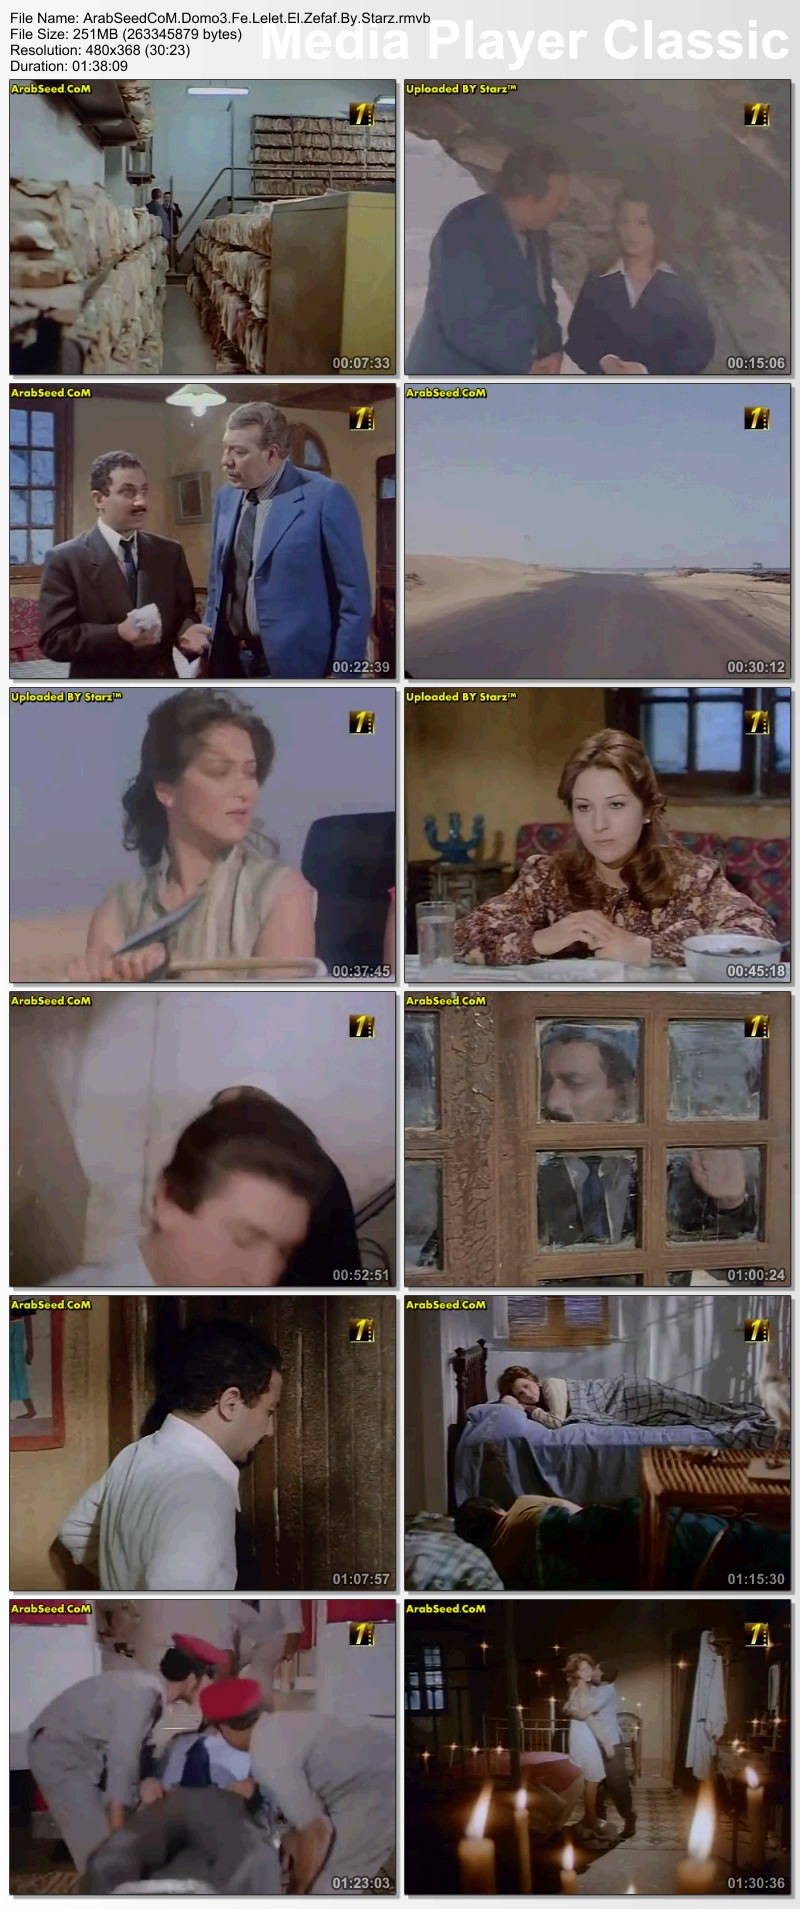 فيلم دموع في ليلة الزفاف للكبار فقط+20 Arabse68